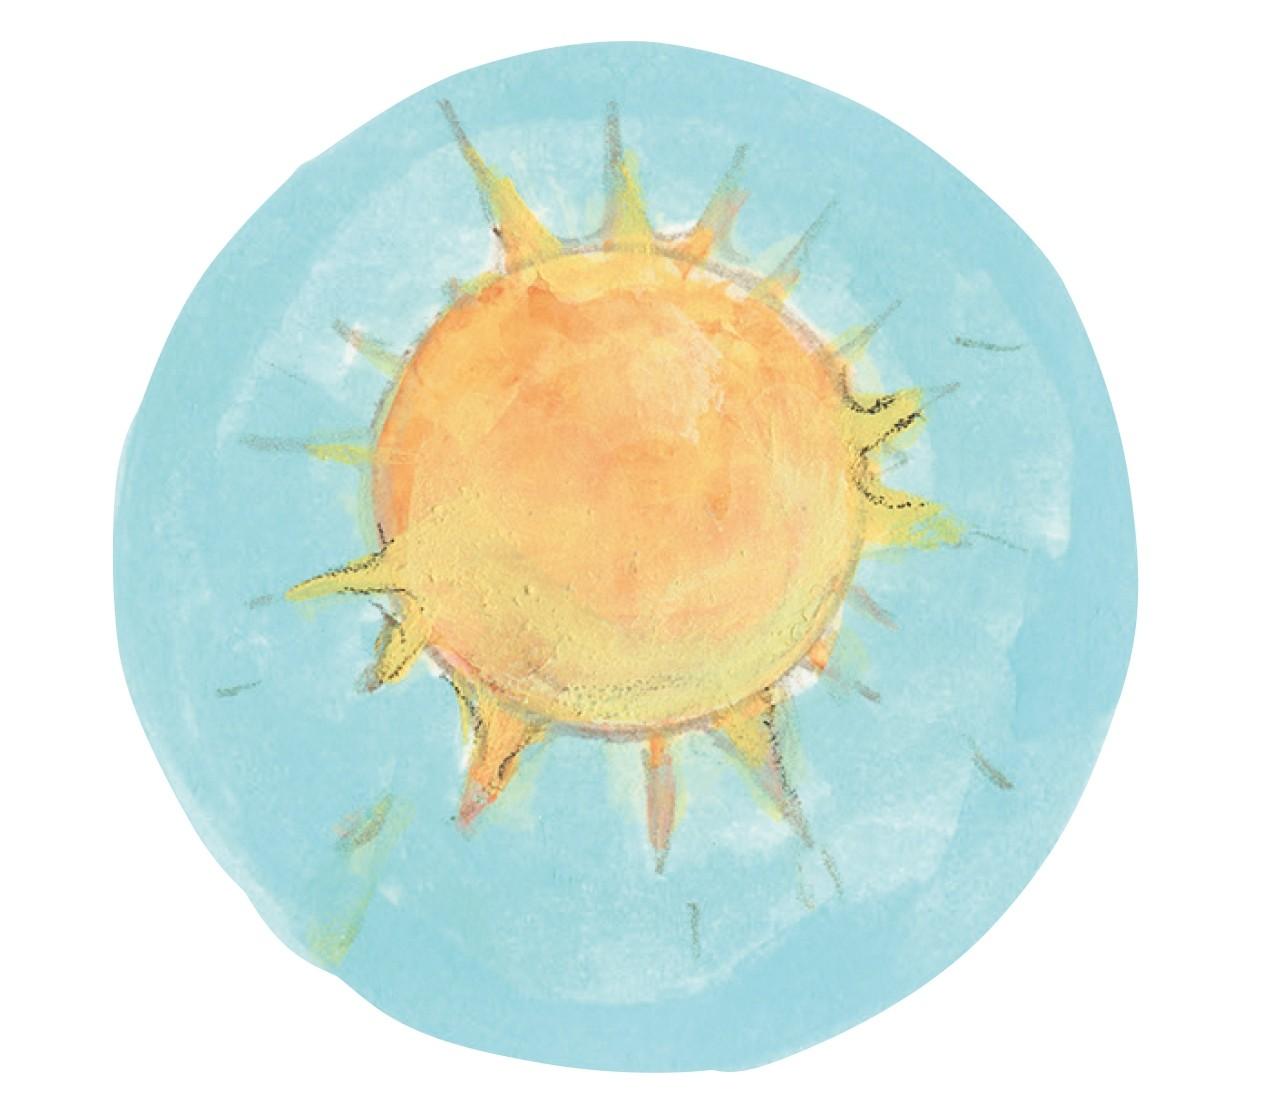 【水晶玉子の「運景」占い】<太陽>タイプの2021下半期の運勢は?